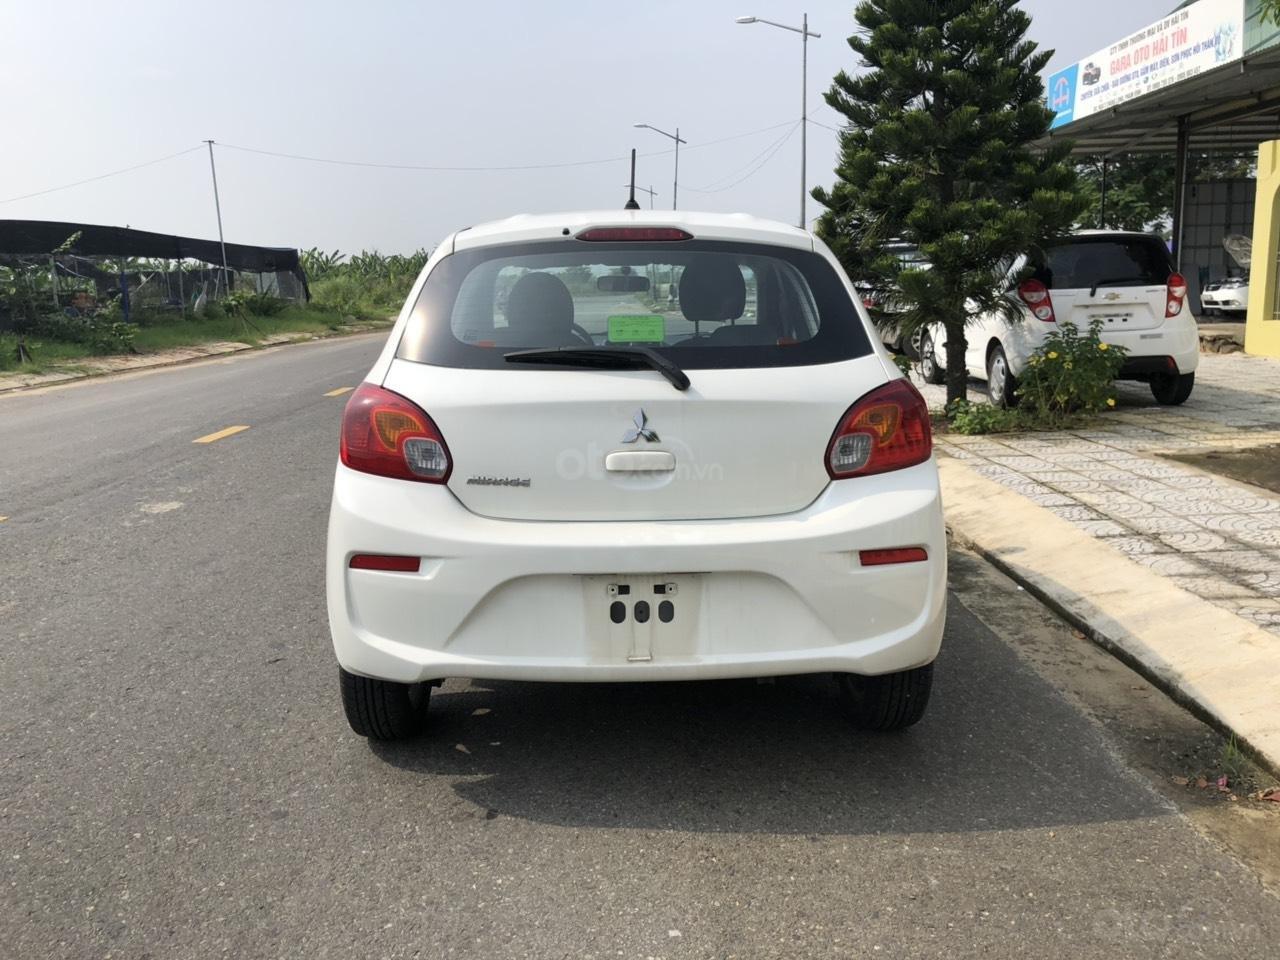 Cần bán gấp xe Mitsubishi Mirage năm 2018, màu trắng, nhập khẩu nguyên chiếc, LH: 0899877765 - 0935284855 (2)